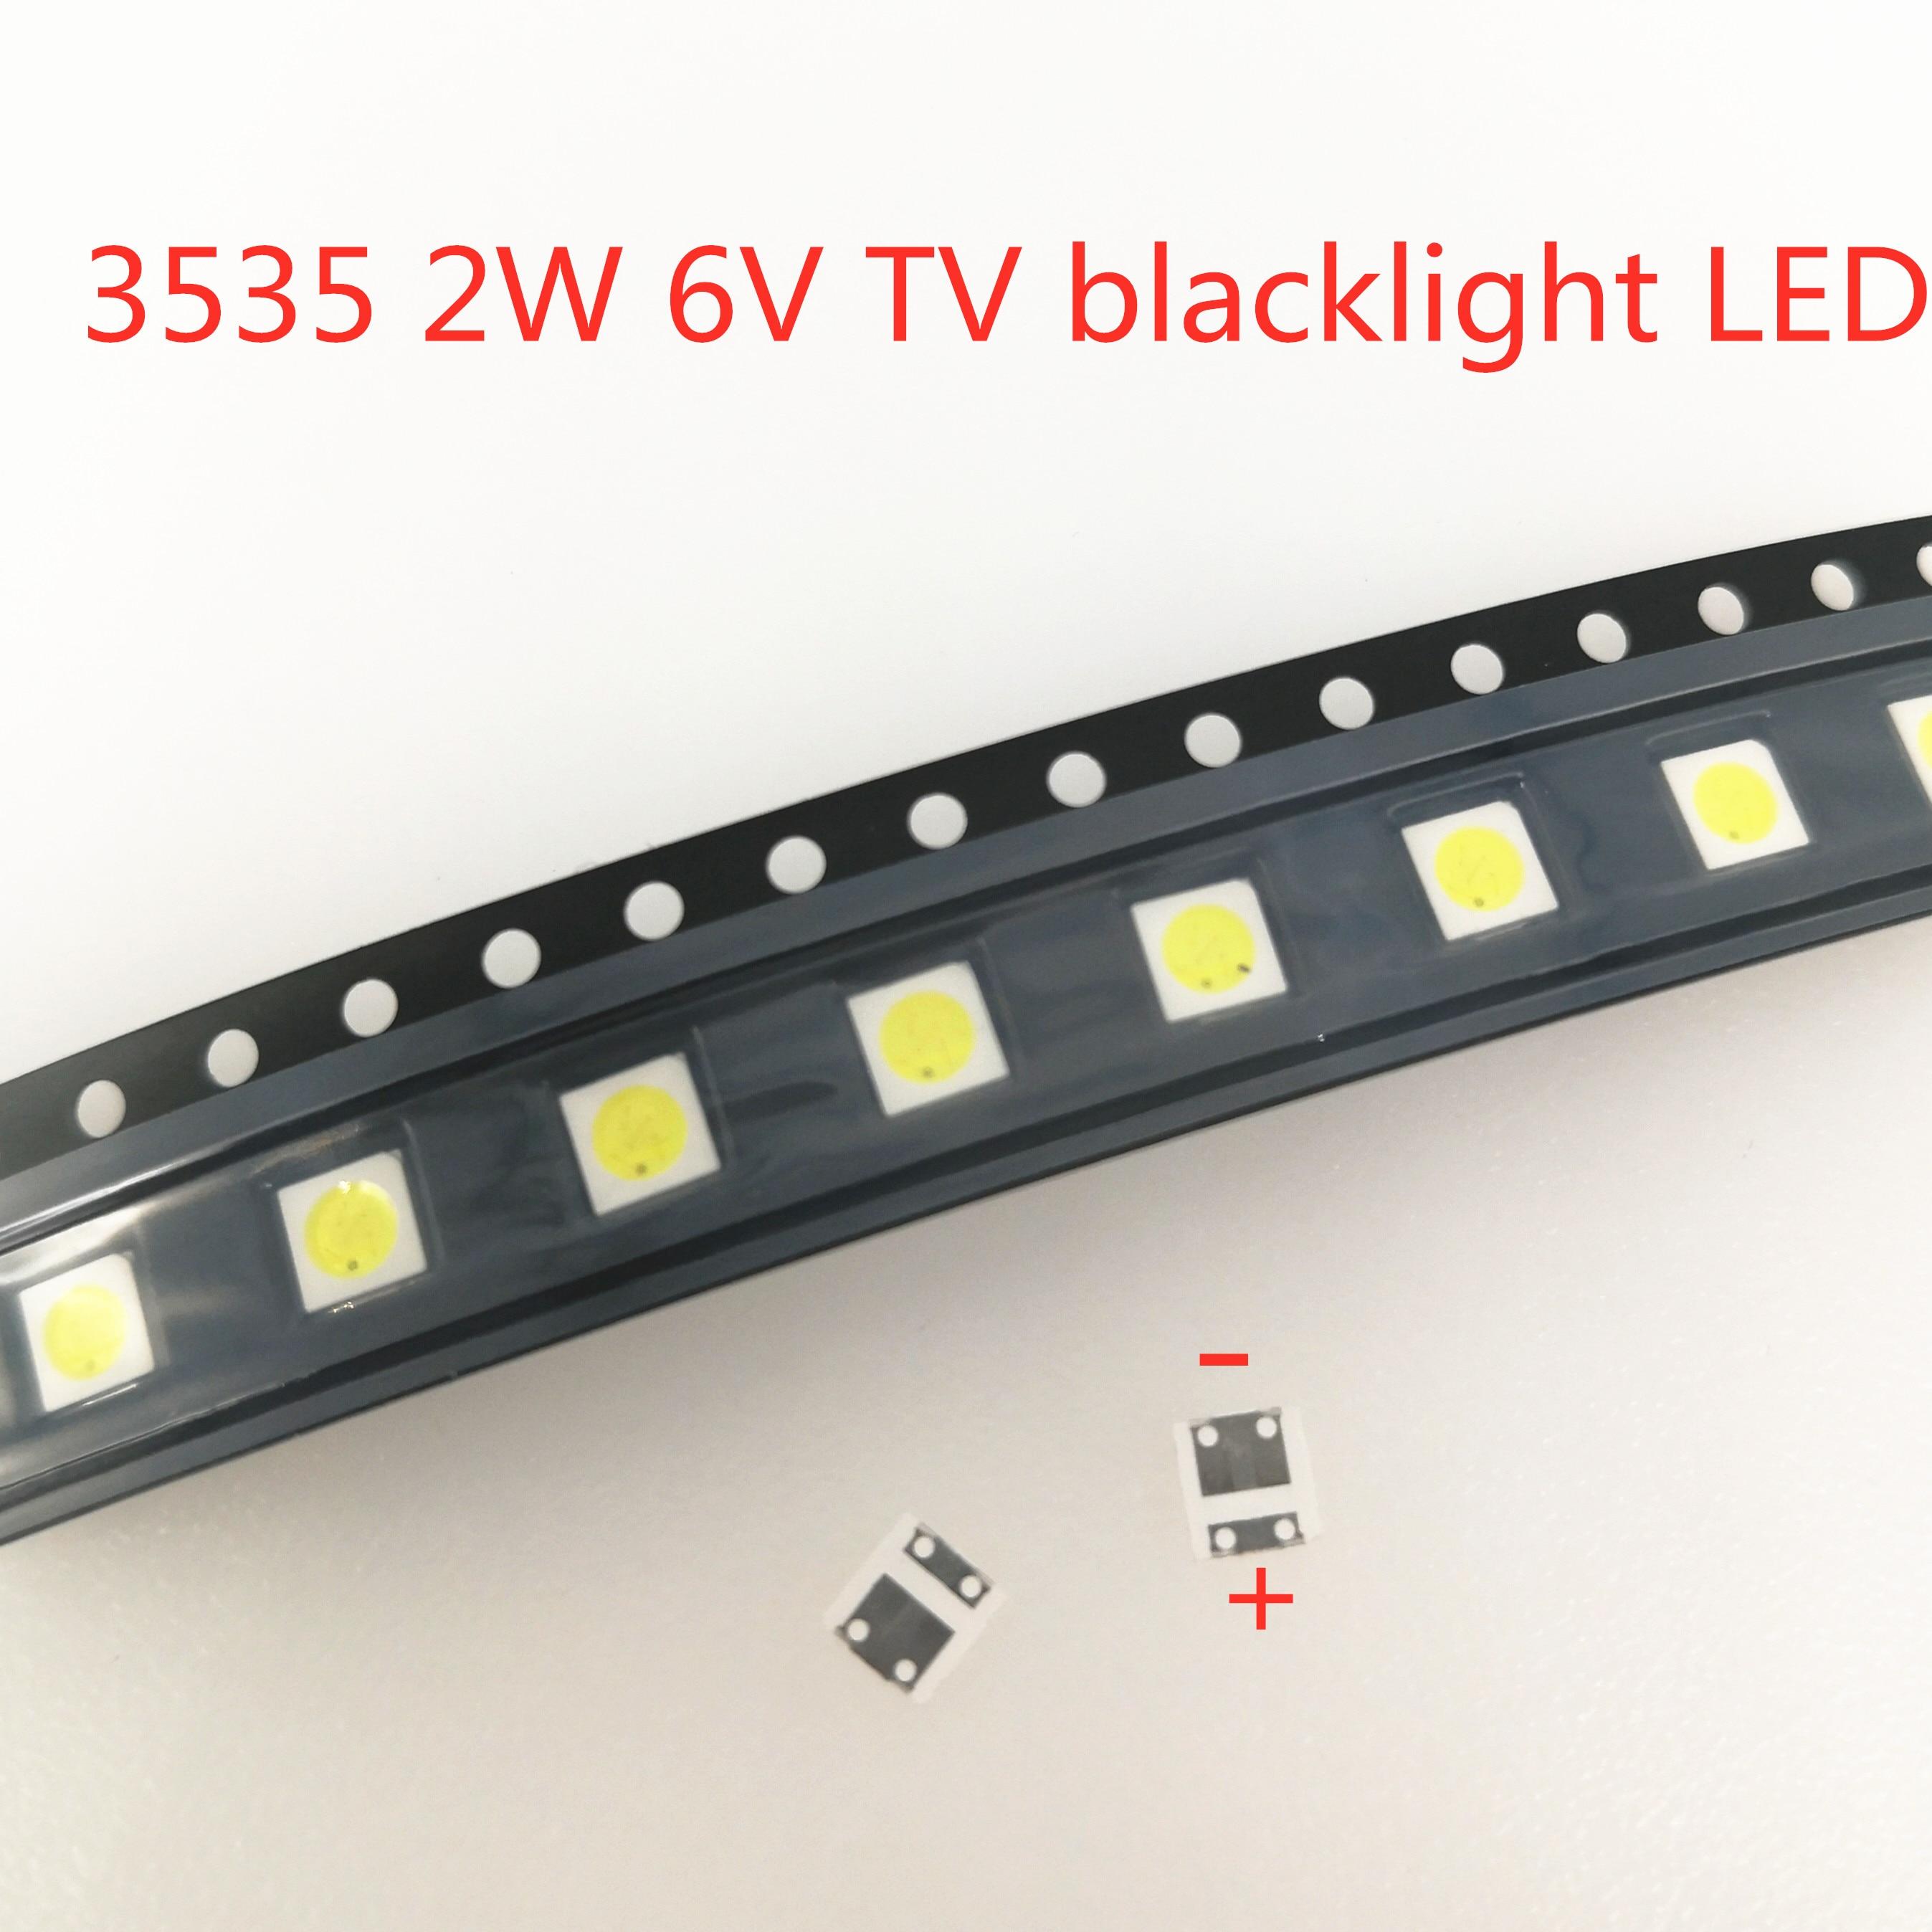 50-1000 قطعة 2W 6V 3V 1W 3535 SMD LED استبدال LG Innotek تلفاز LCD عودة ضوء الخرز إضاءة خلفية للتلفاز ديود إصلاح التطبيق